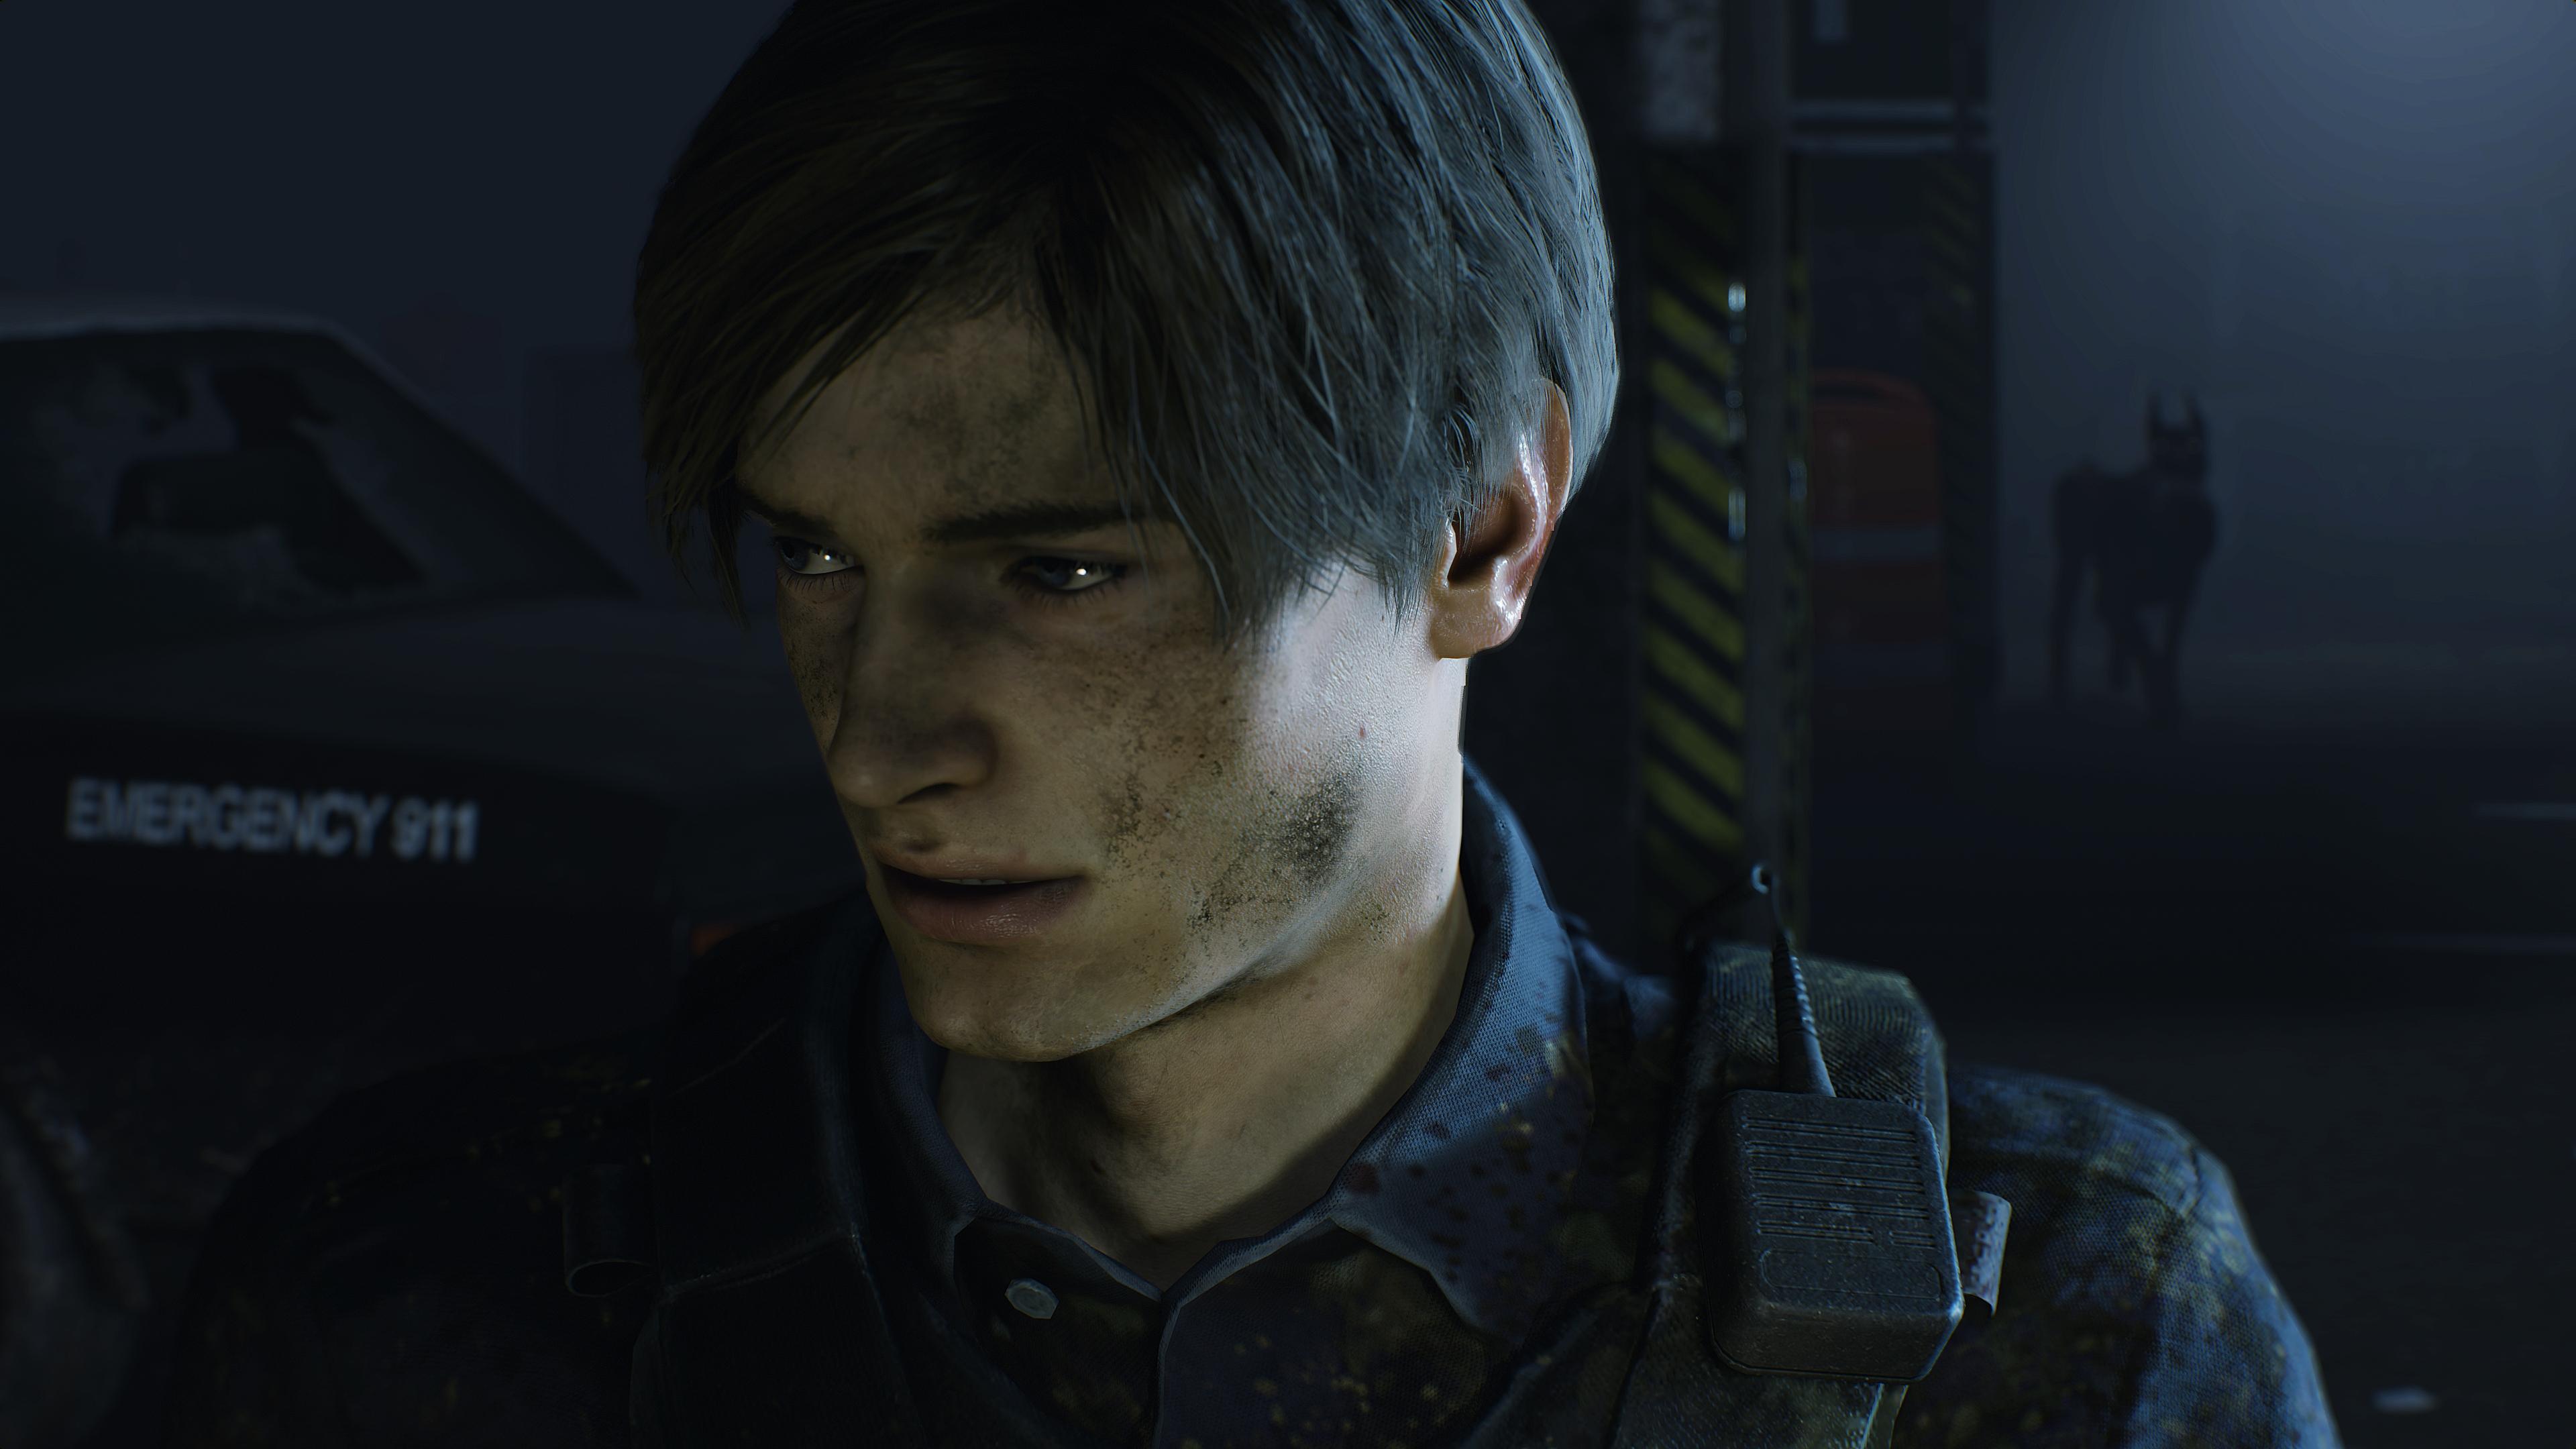 Леон - Resident Evil 2 4K